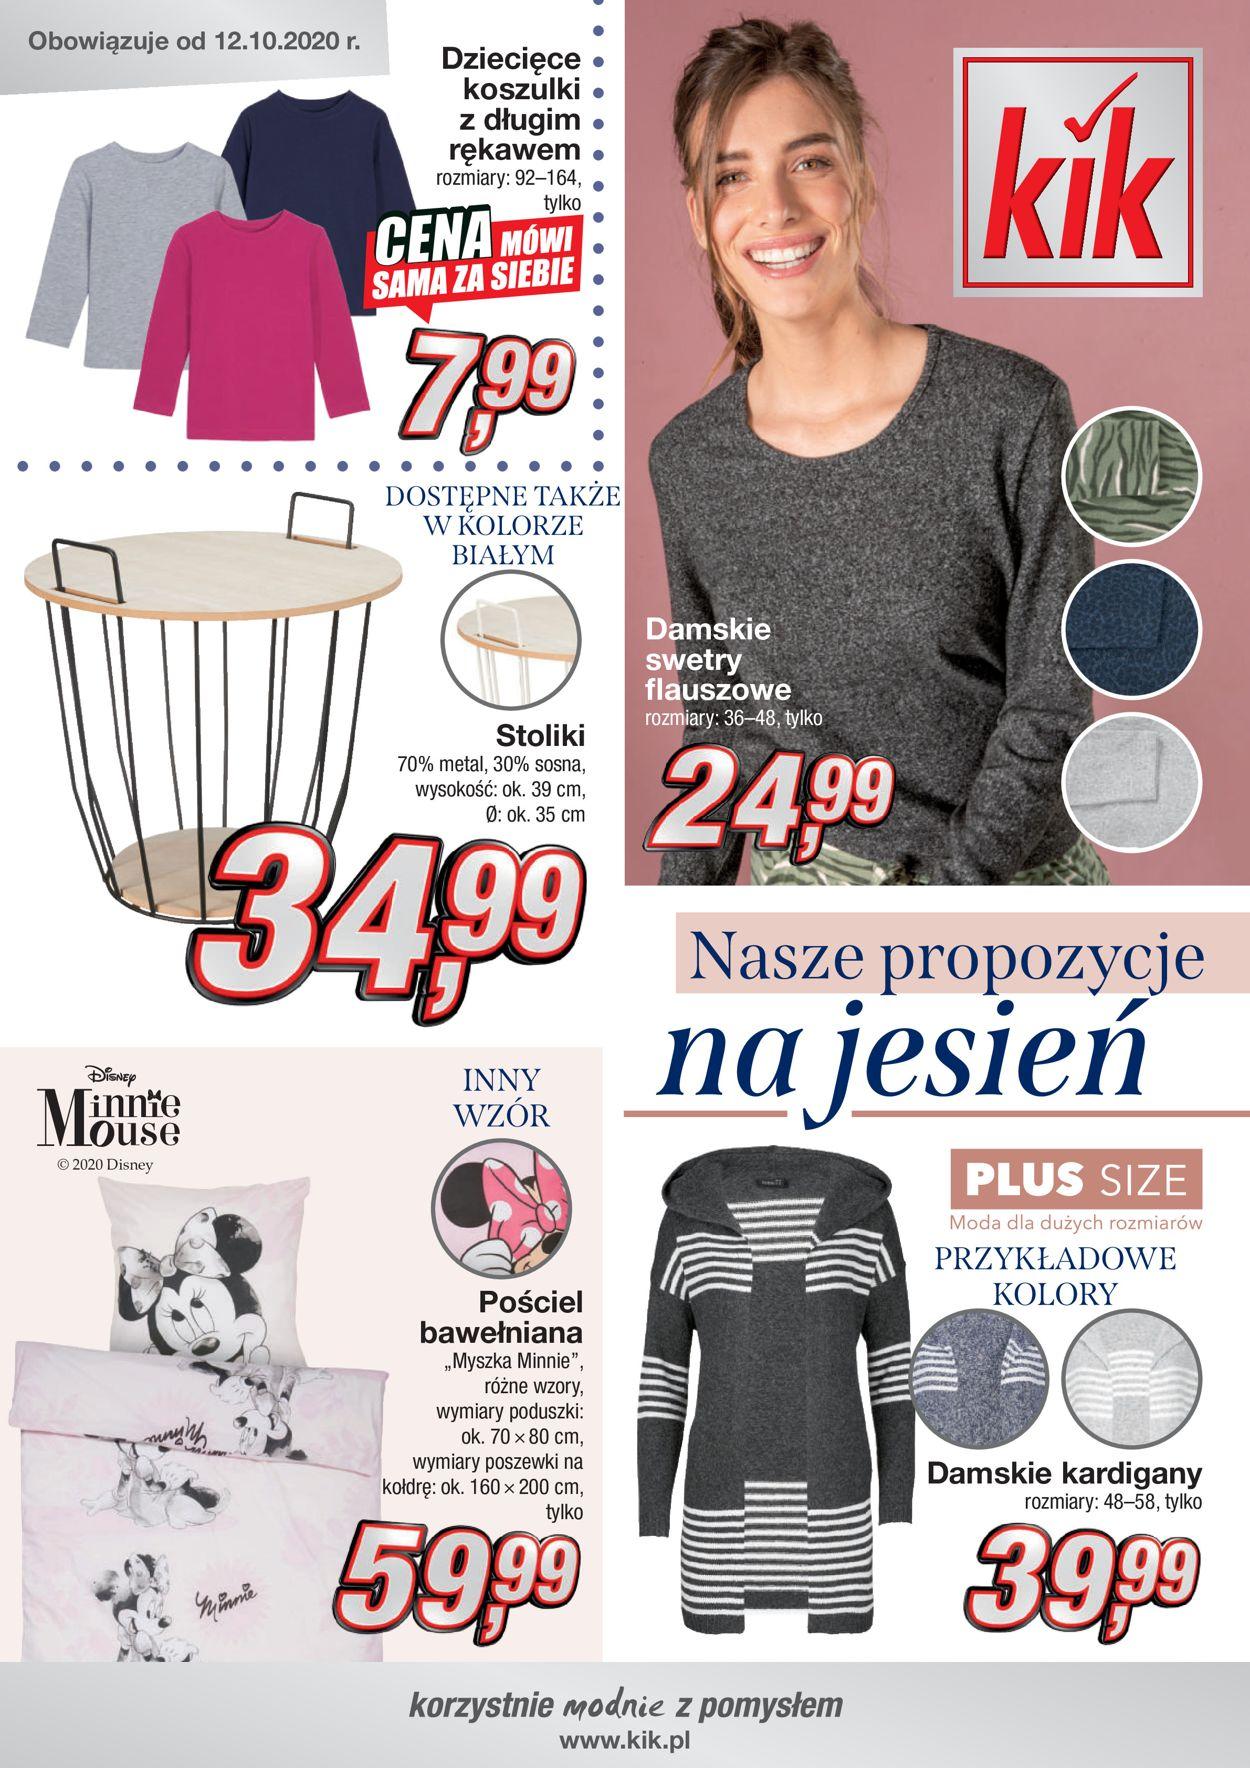 Gazetka promocyjna Kik - 12.10-30.11.2020